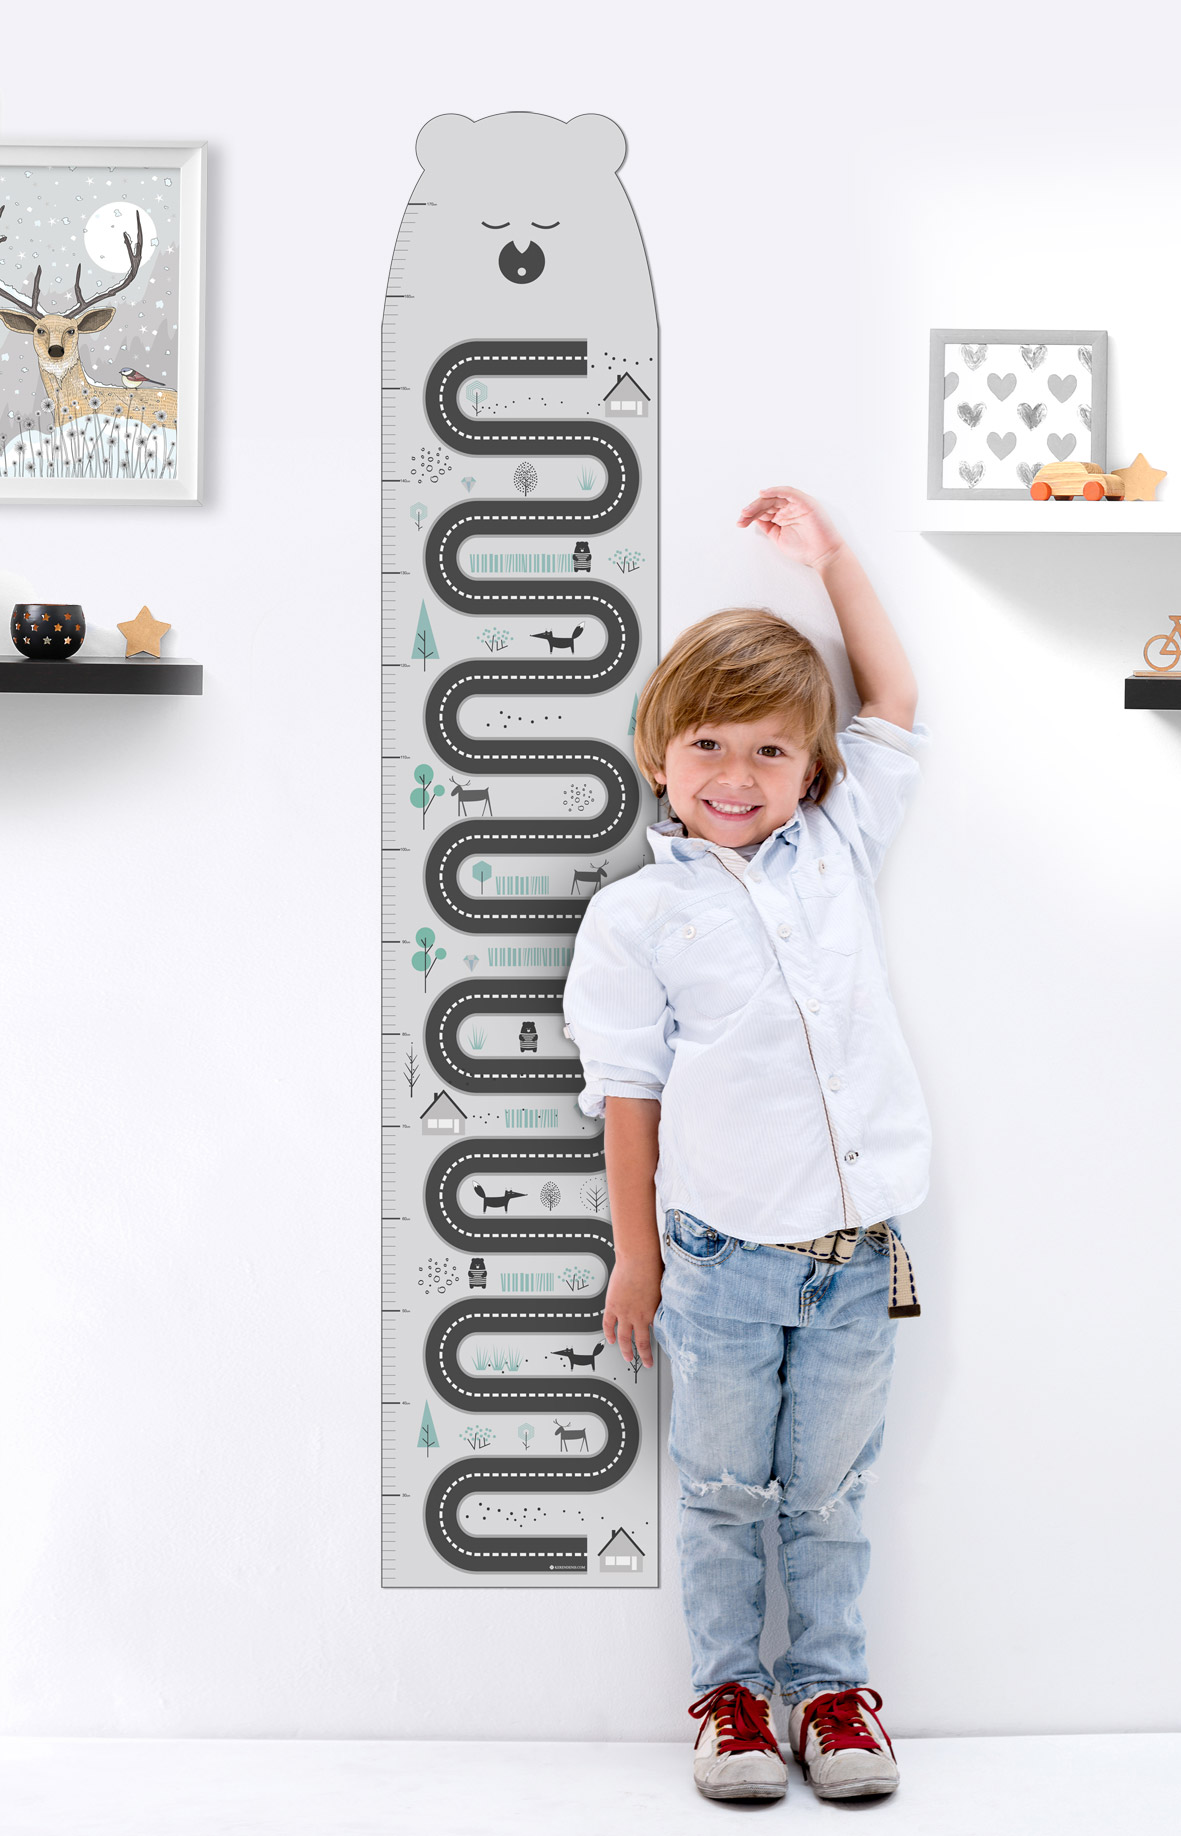 אקססוריז עיצוב חדר ילדים מד גובה לילדים